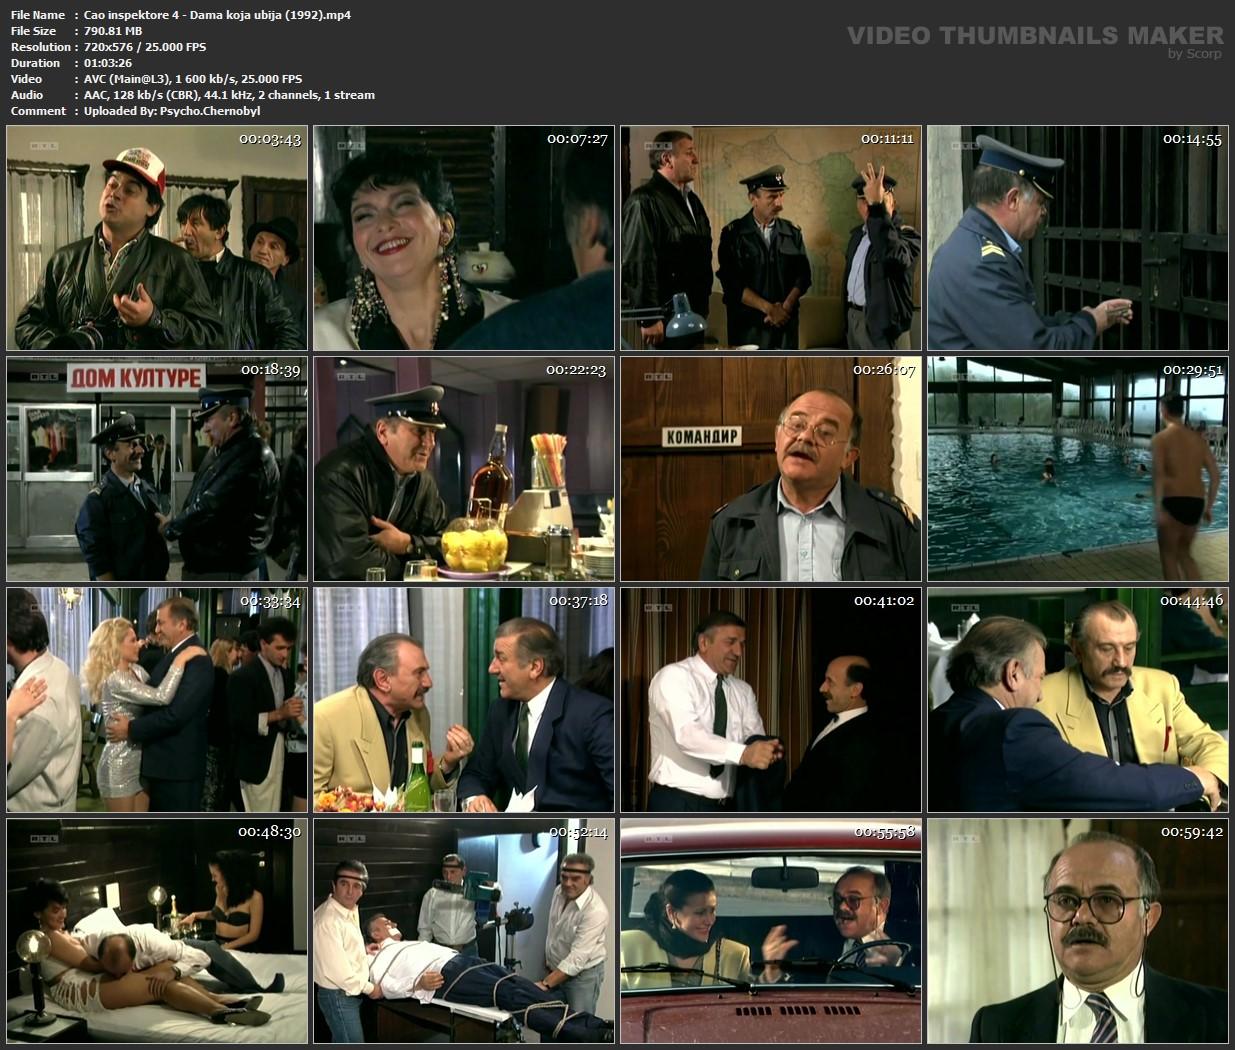 Cao-inspektore-4-Dama-koja-ubija-1992-mp